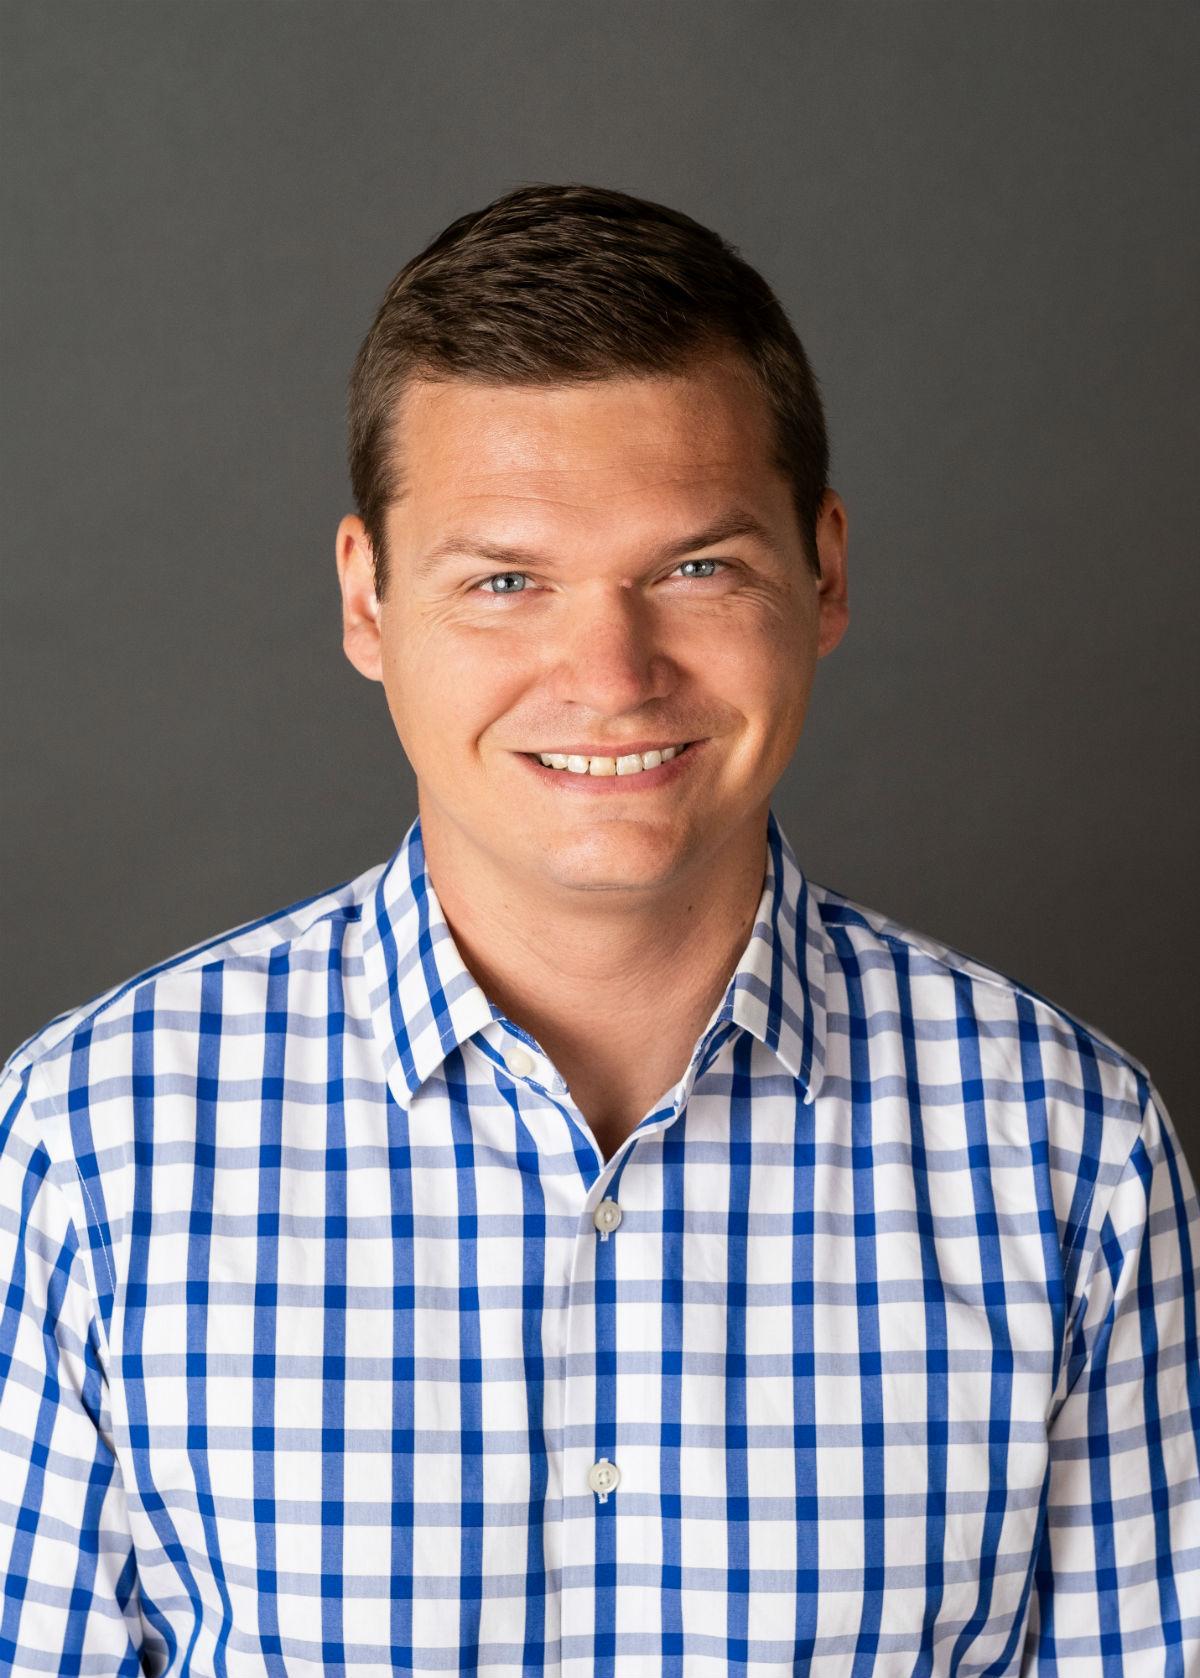 Chris Simon